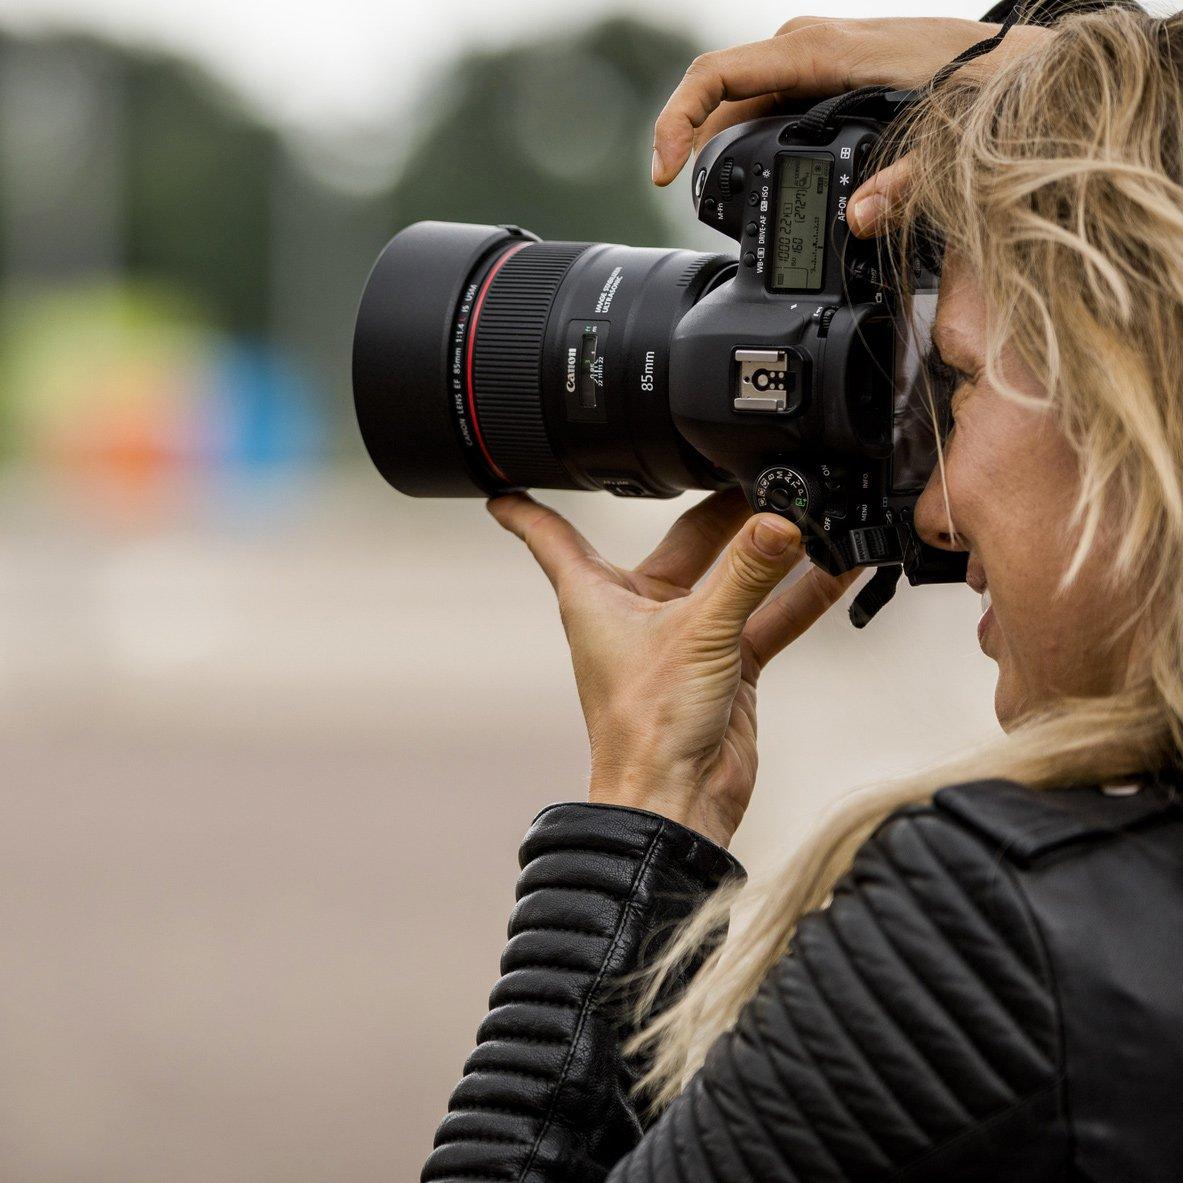 разных объектив для портретной студийной фотосъемки нашими основными расценками